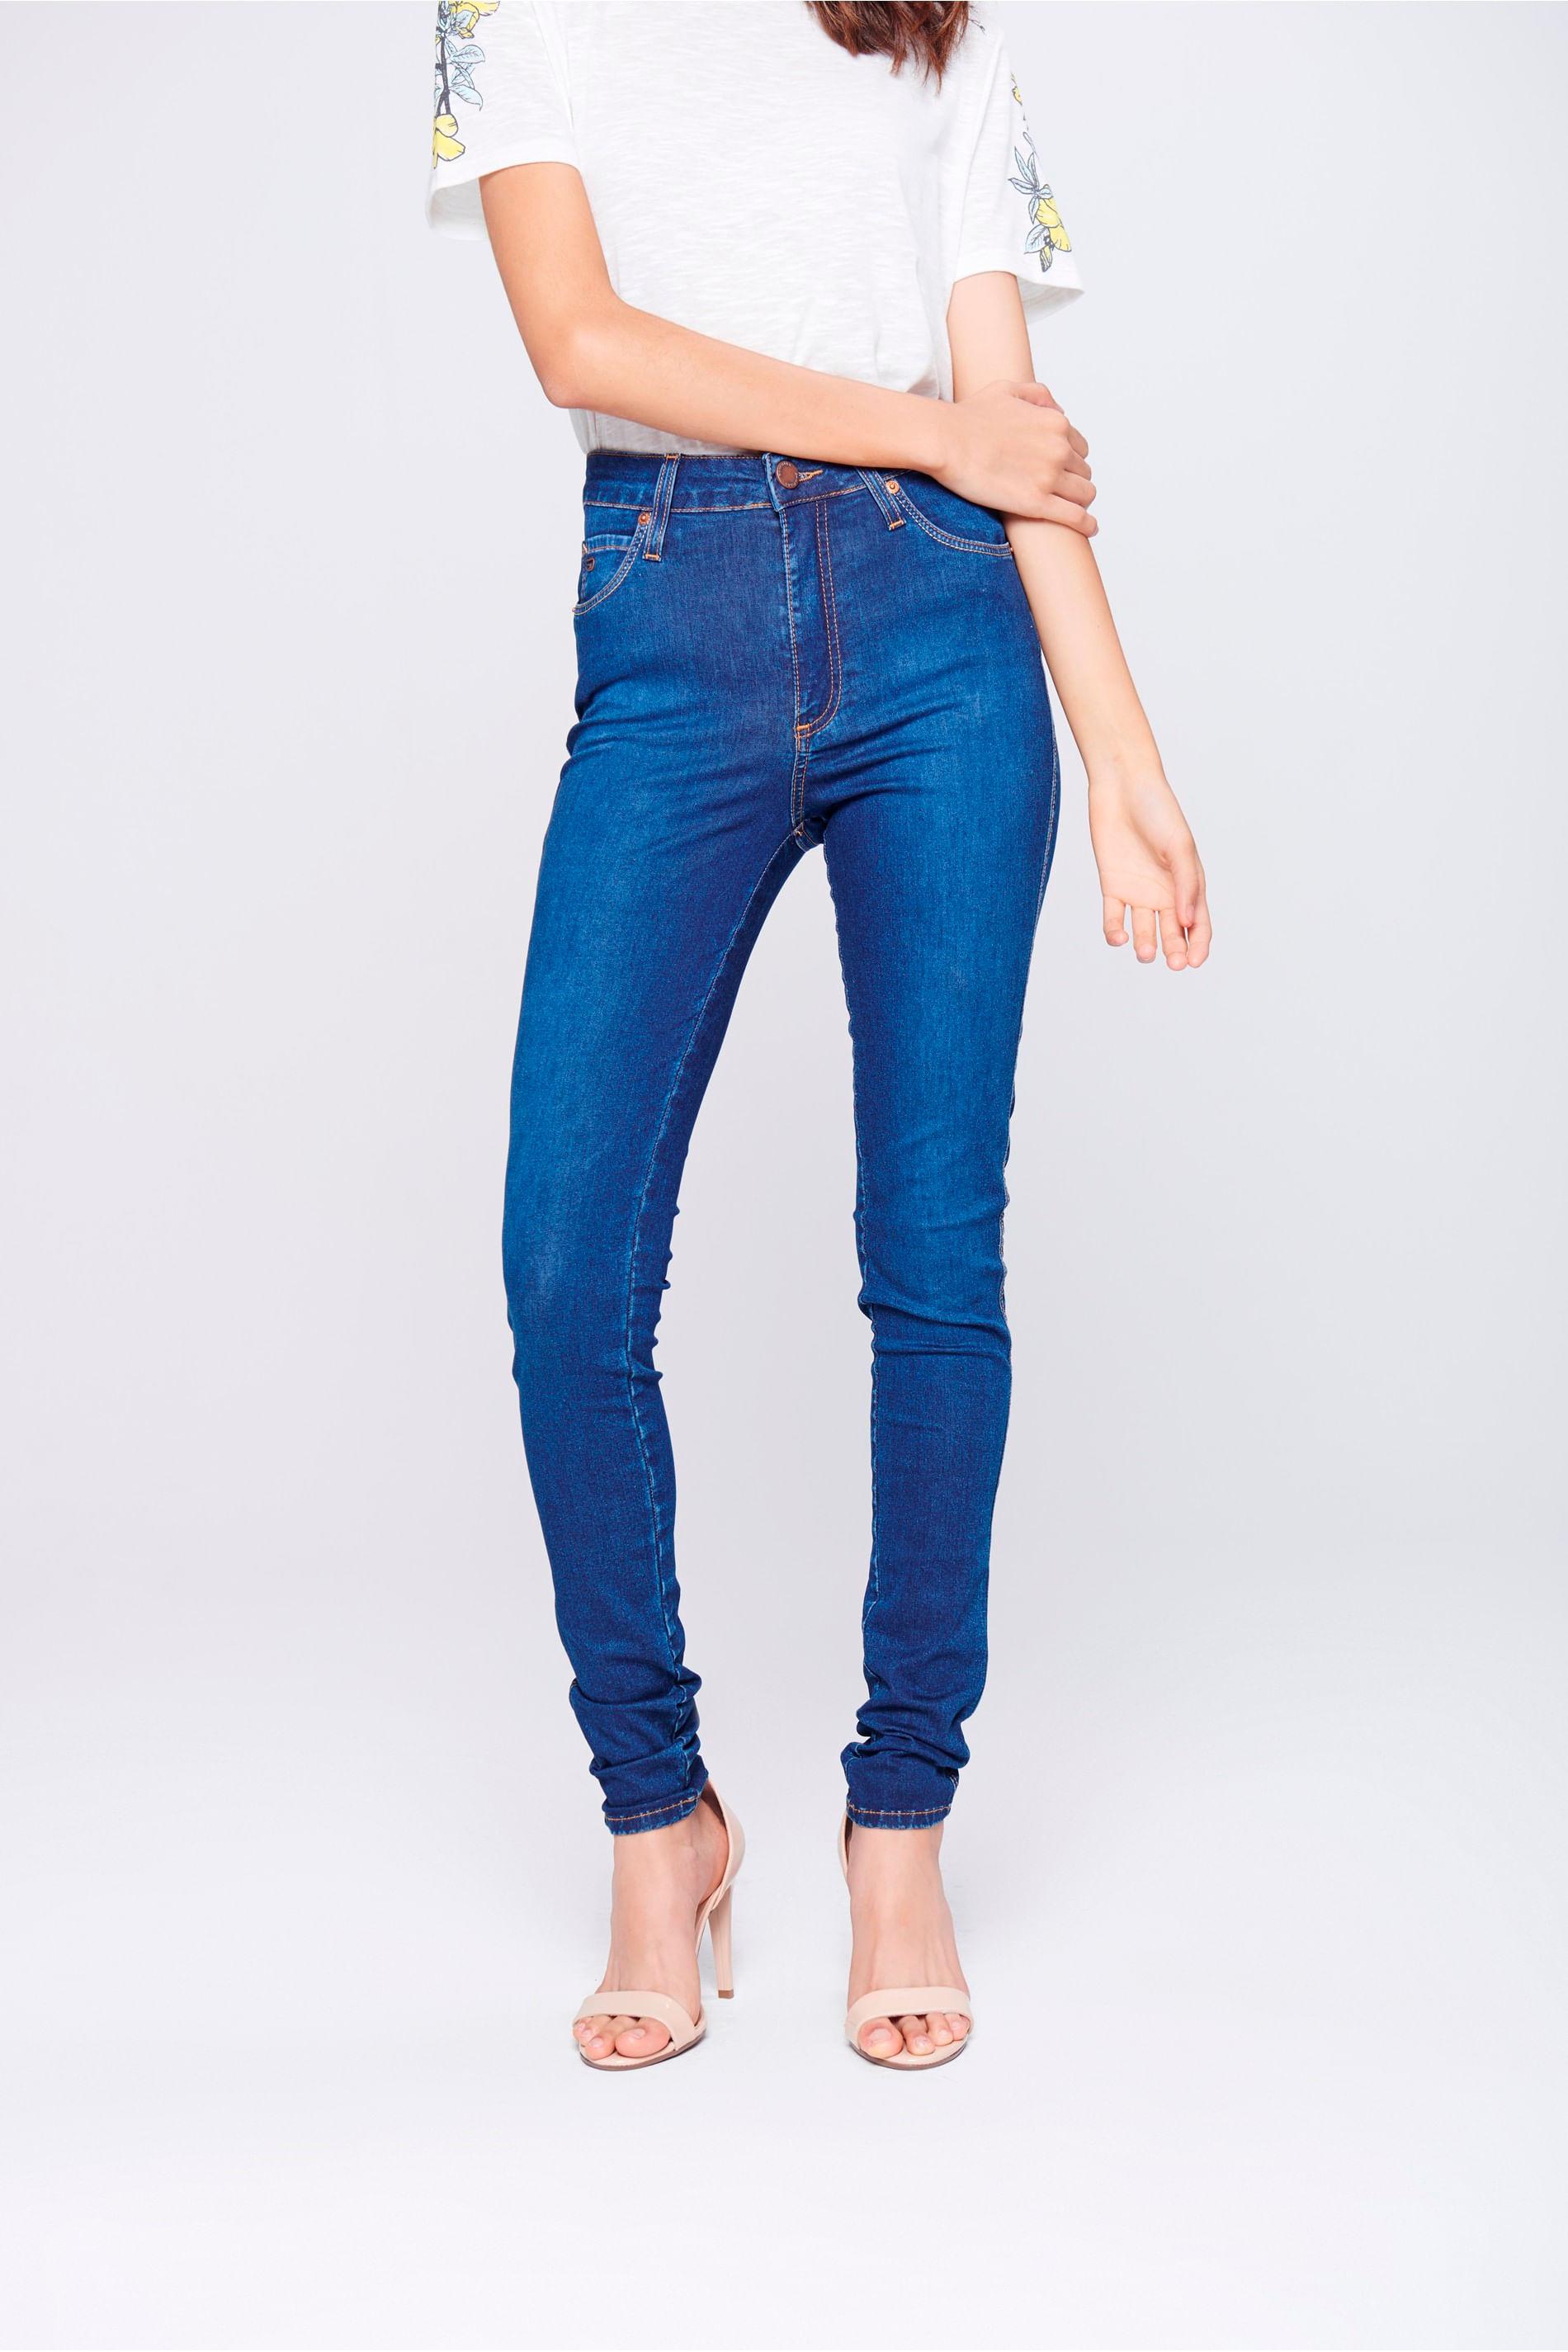 67092e8da Calça Jeans Skinny Cintura Alta - Damyller